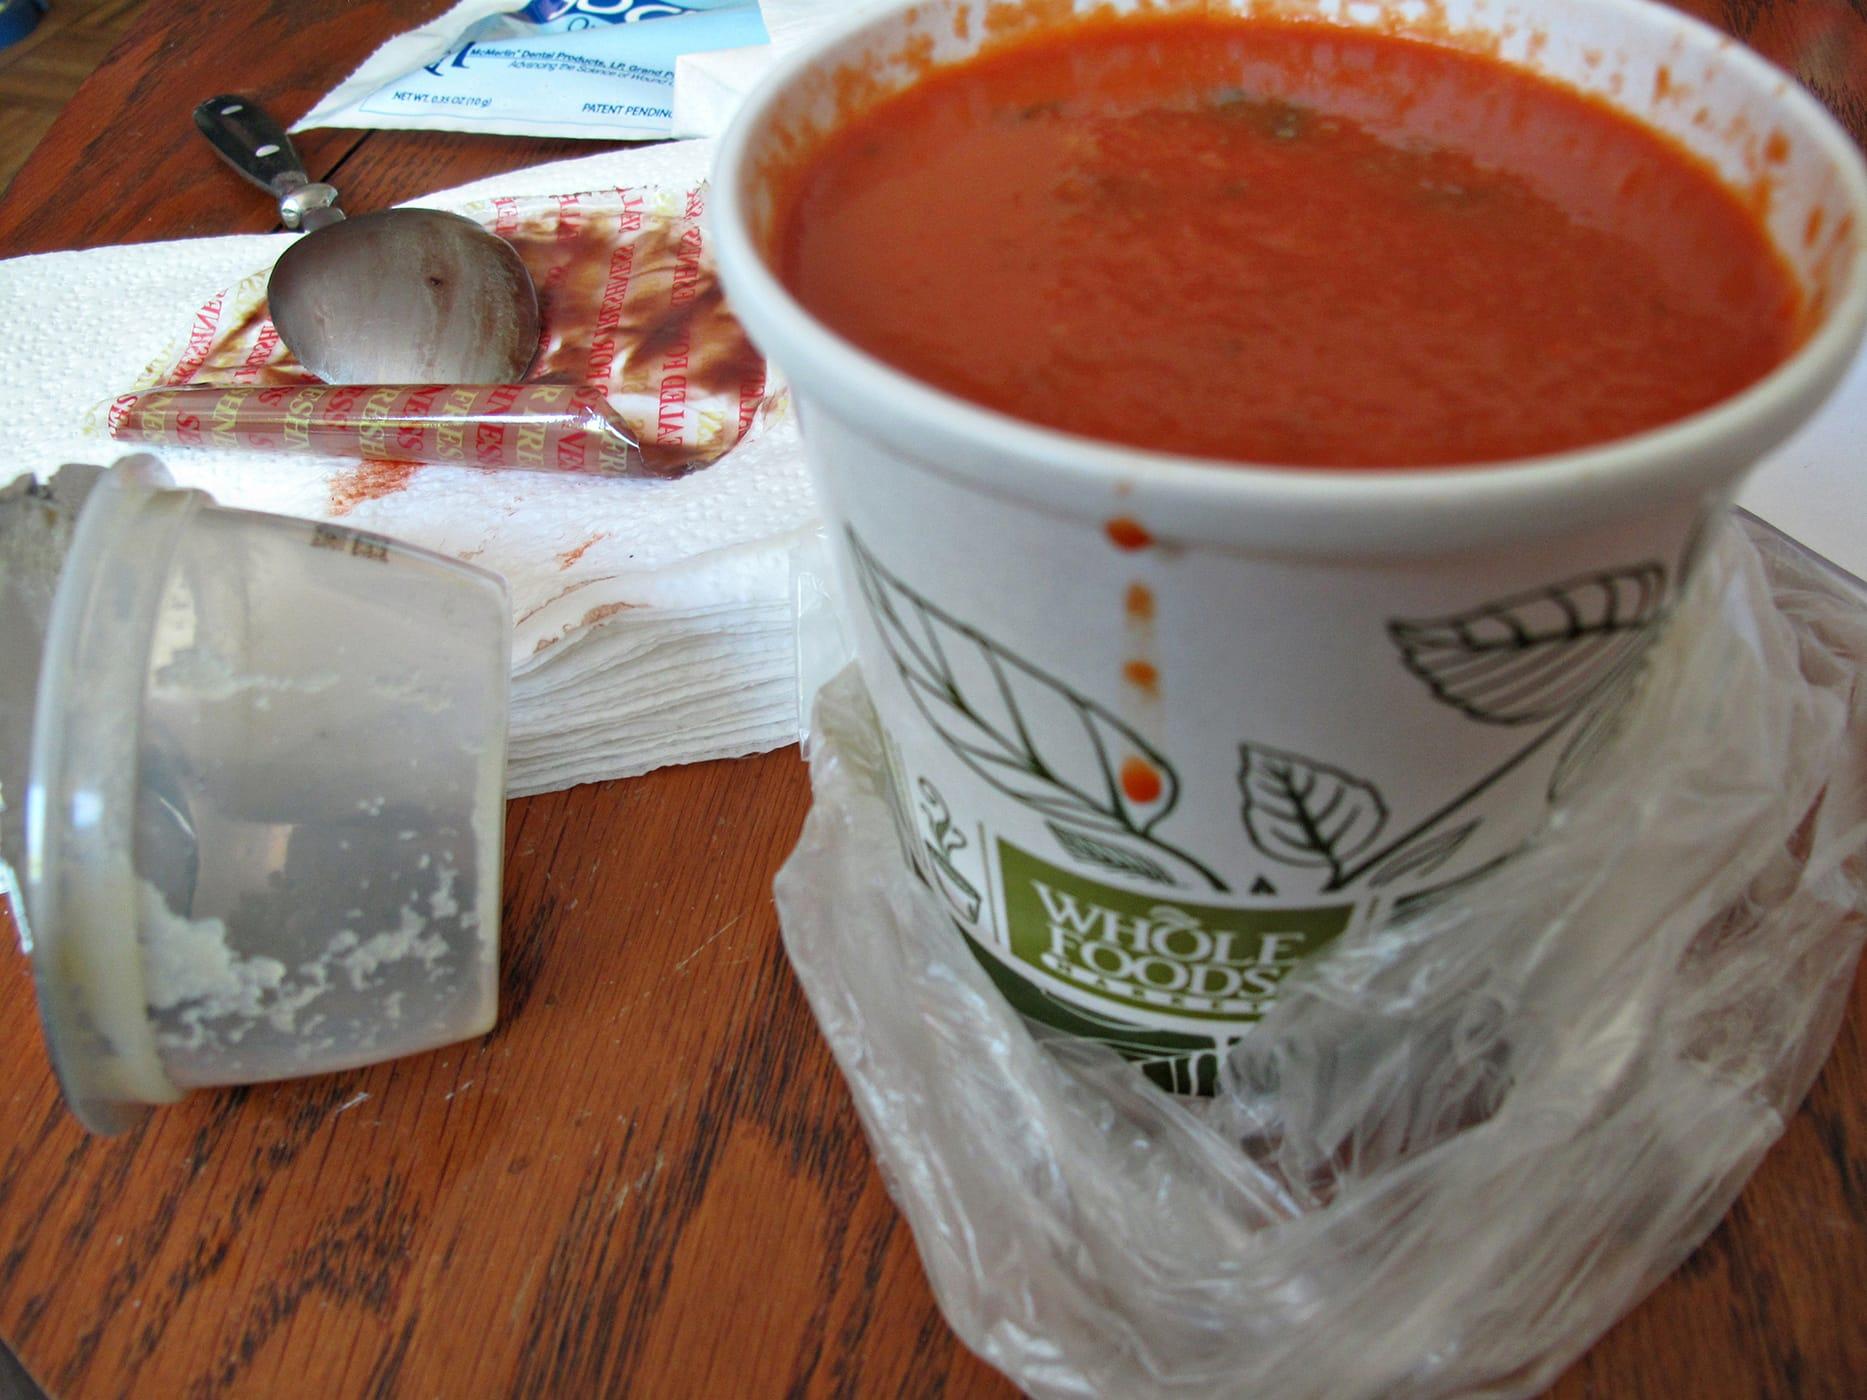 wisdom tooth diet - tomato sou